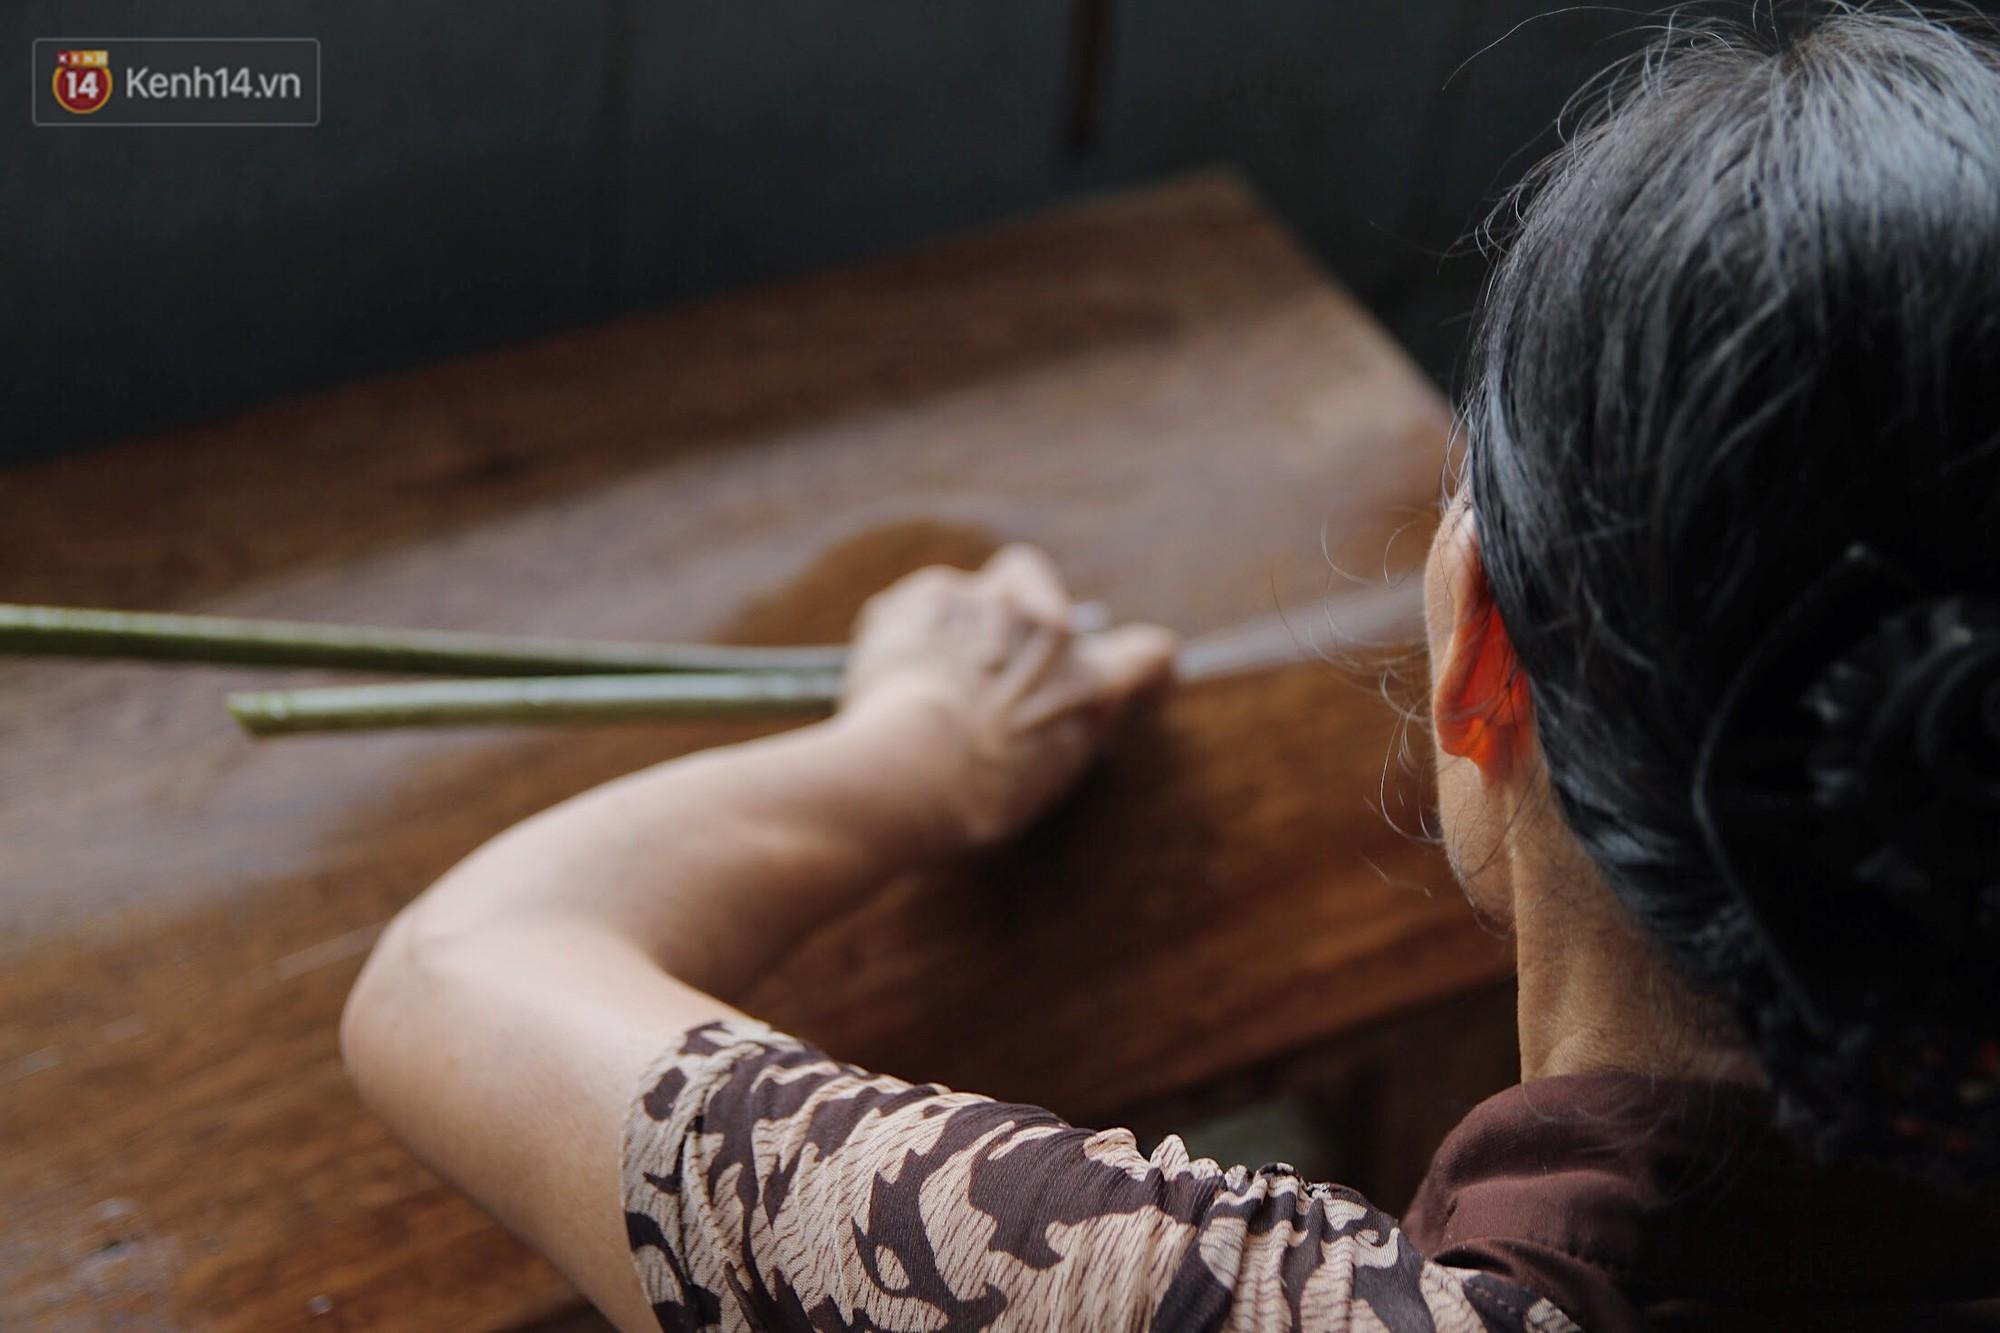 Người phụ nữ Hà Nội đầu tiên dệt lụa từ tơ sen: 4.800 cuống sen cho một chiếc khăn quàng cổ dài 1,7 mét - Ảnh 9.